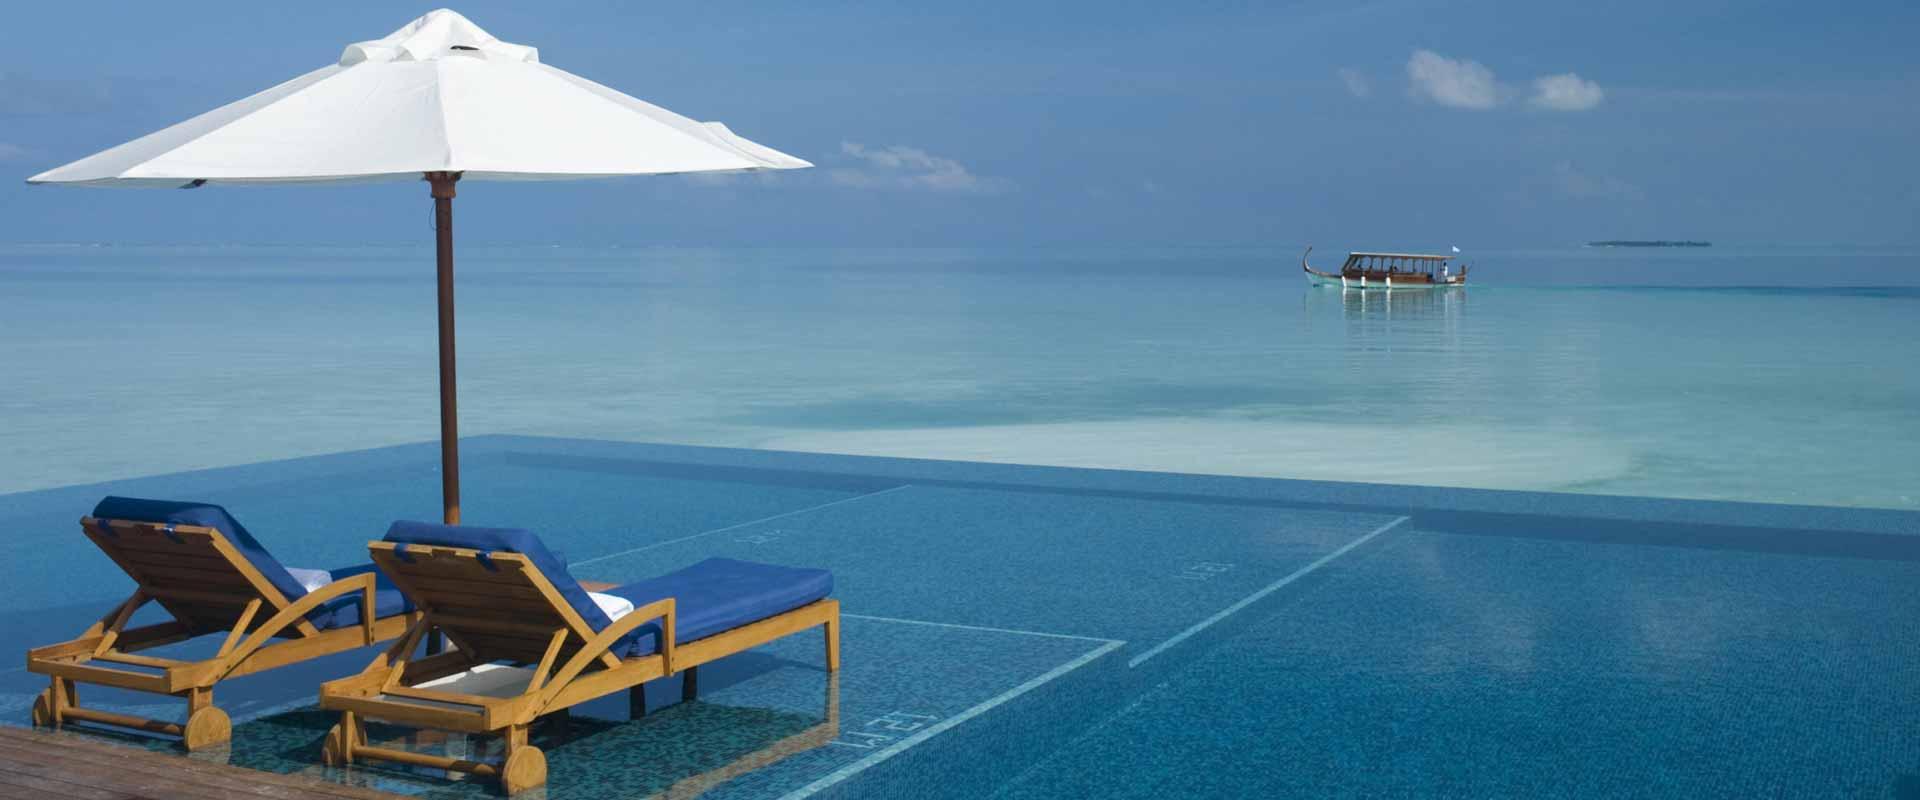 Discover Maldives Splendid Asia